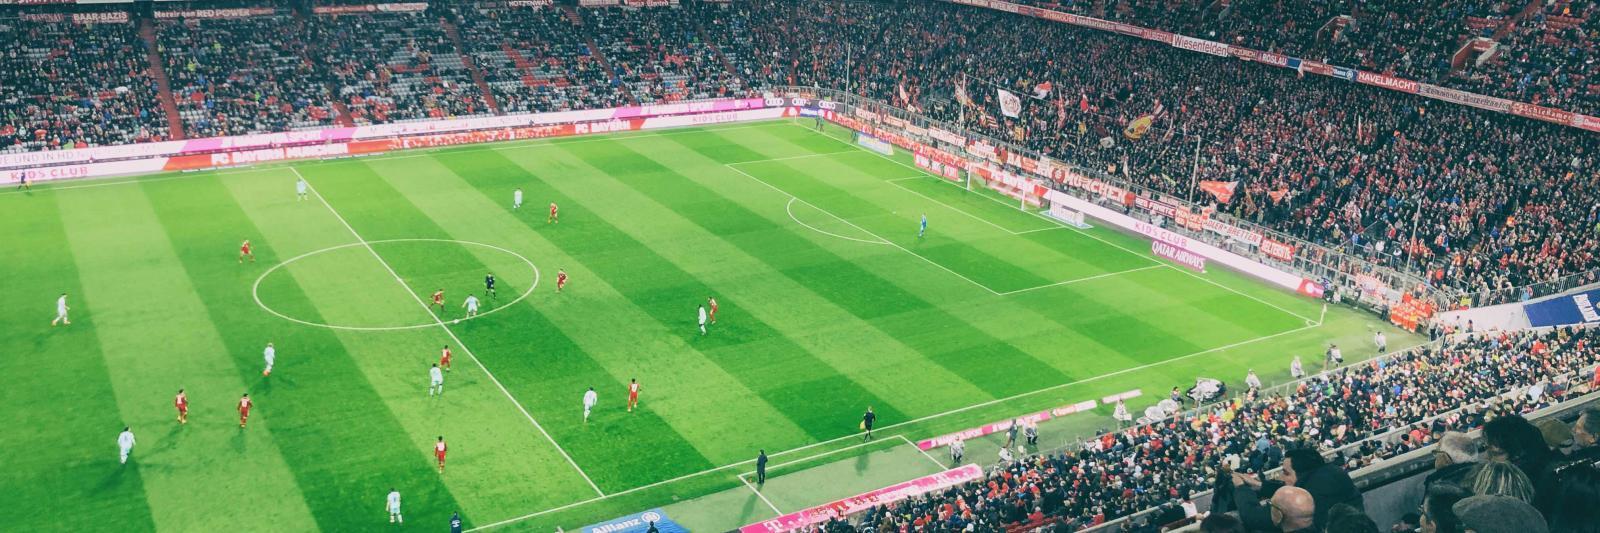 FC Bayern München – 1. FSV Mainz 05 am 17.03.2019